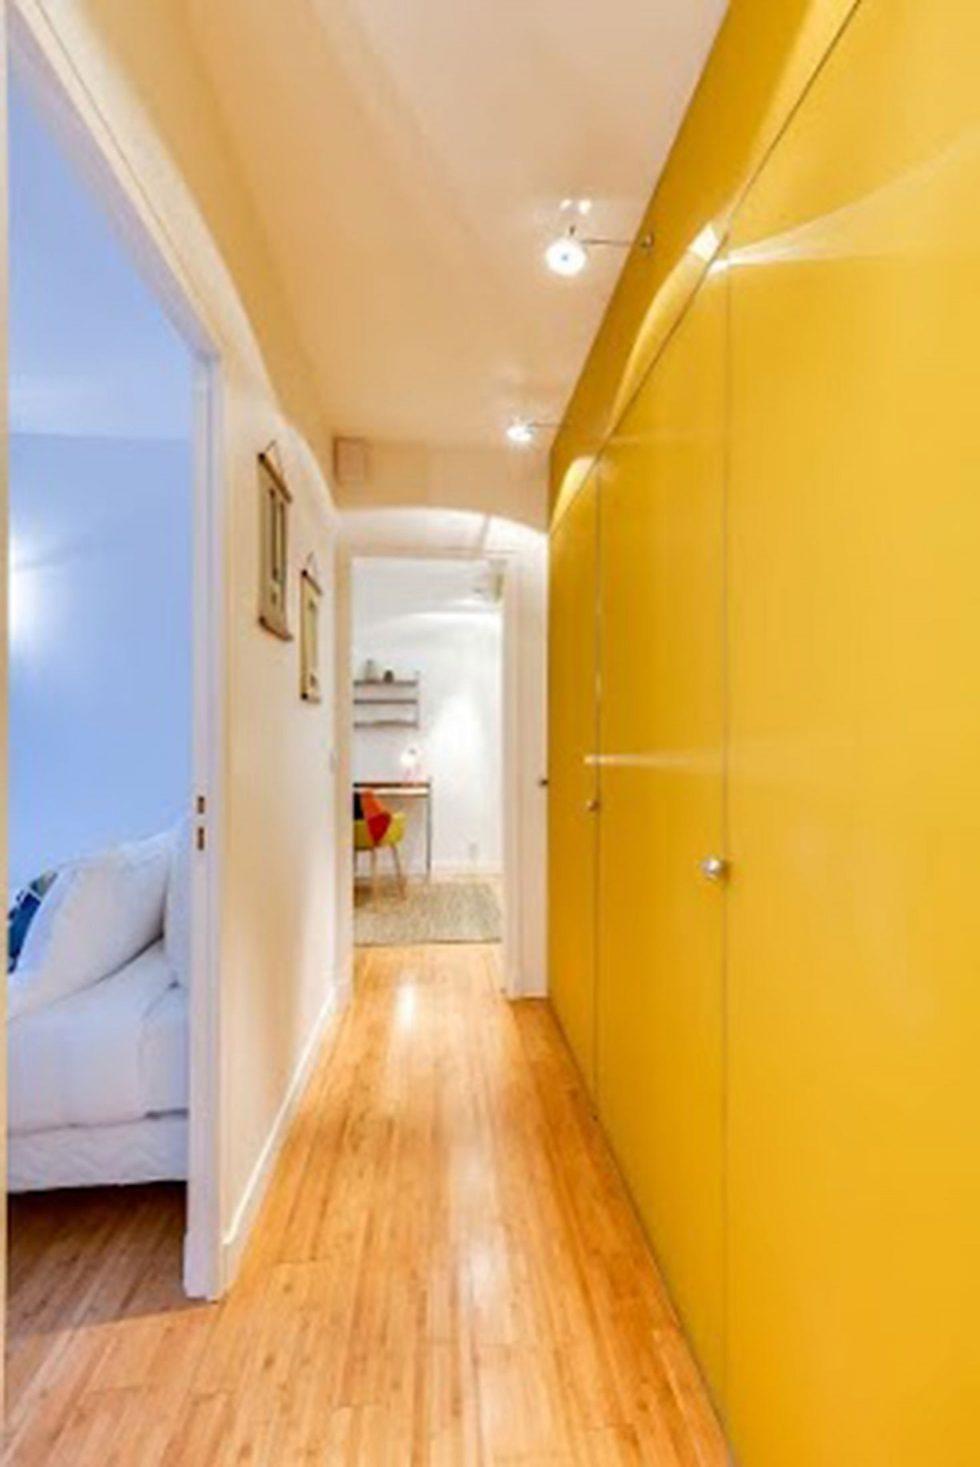 D'anciens bureaux ont été transformés en appartement. De grands panneaux de verre peint en jaune soleil ont été réuntilisé. Ils donnent de la personnalité et de la lumière à cet appartement en Rez de chaussée assez sombre